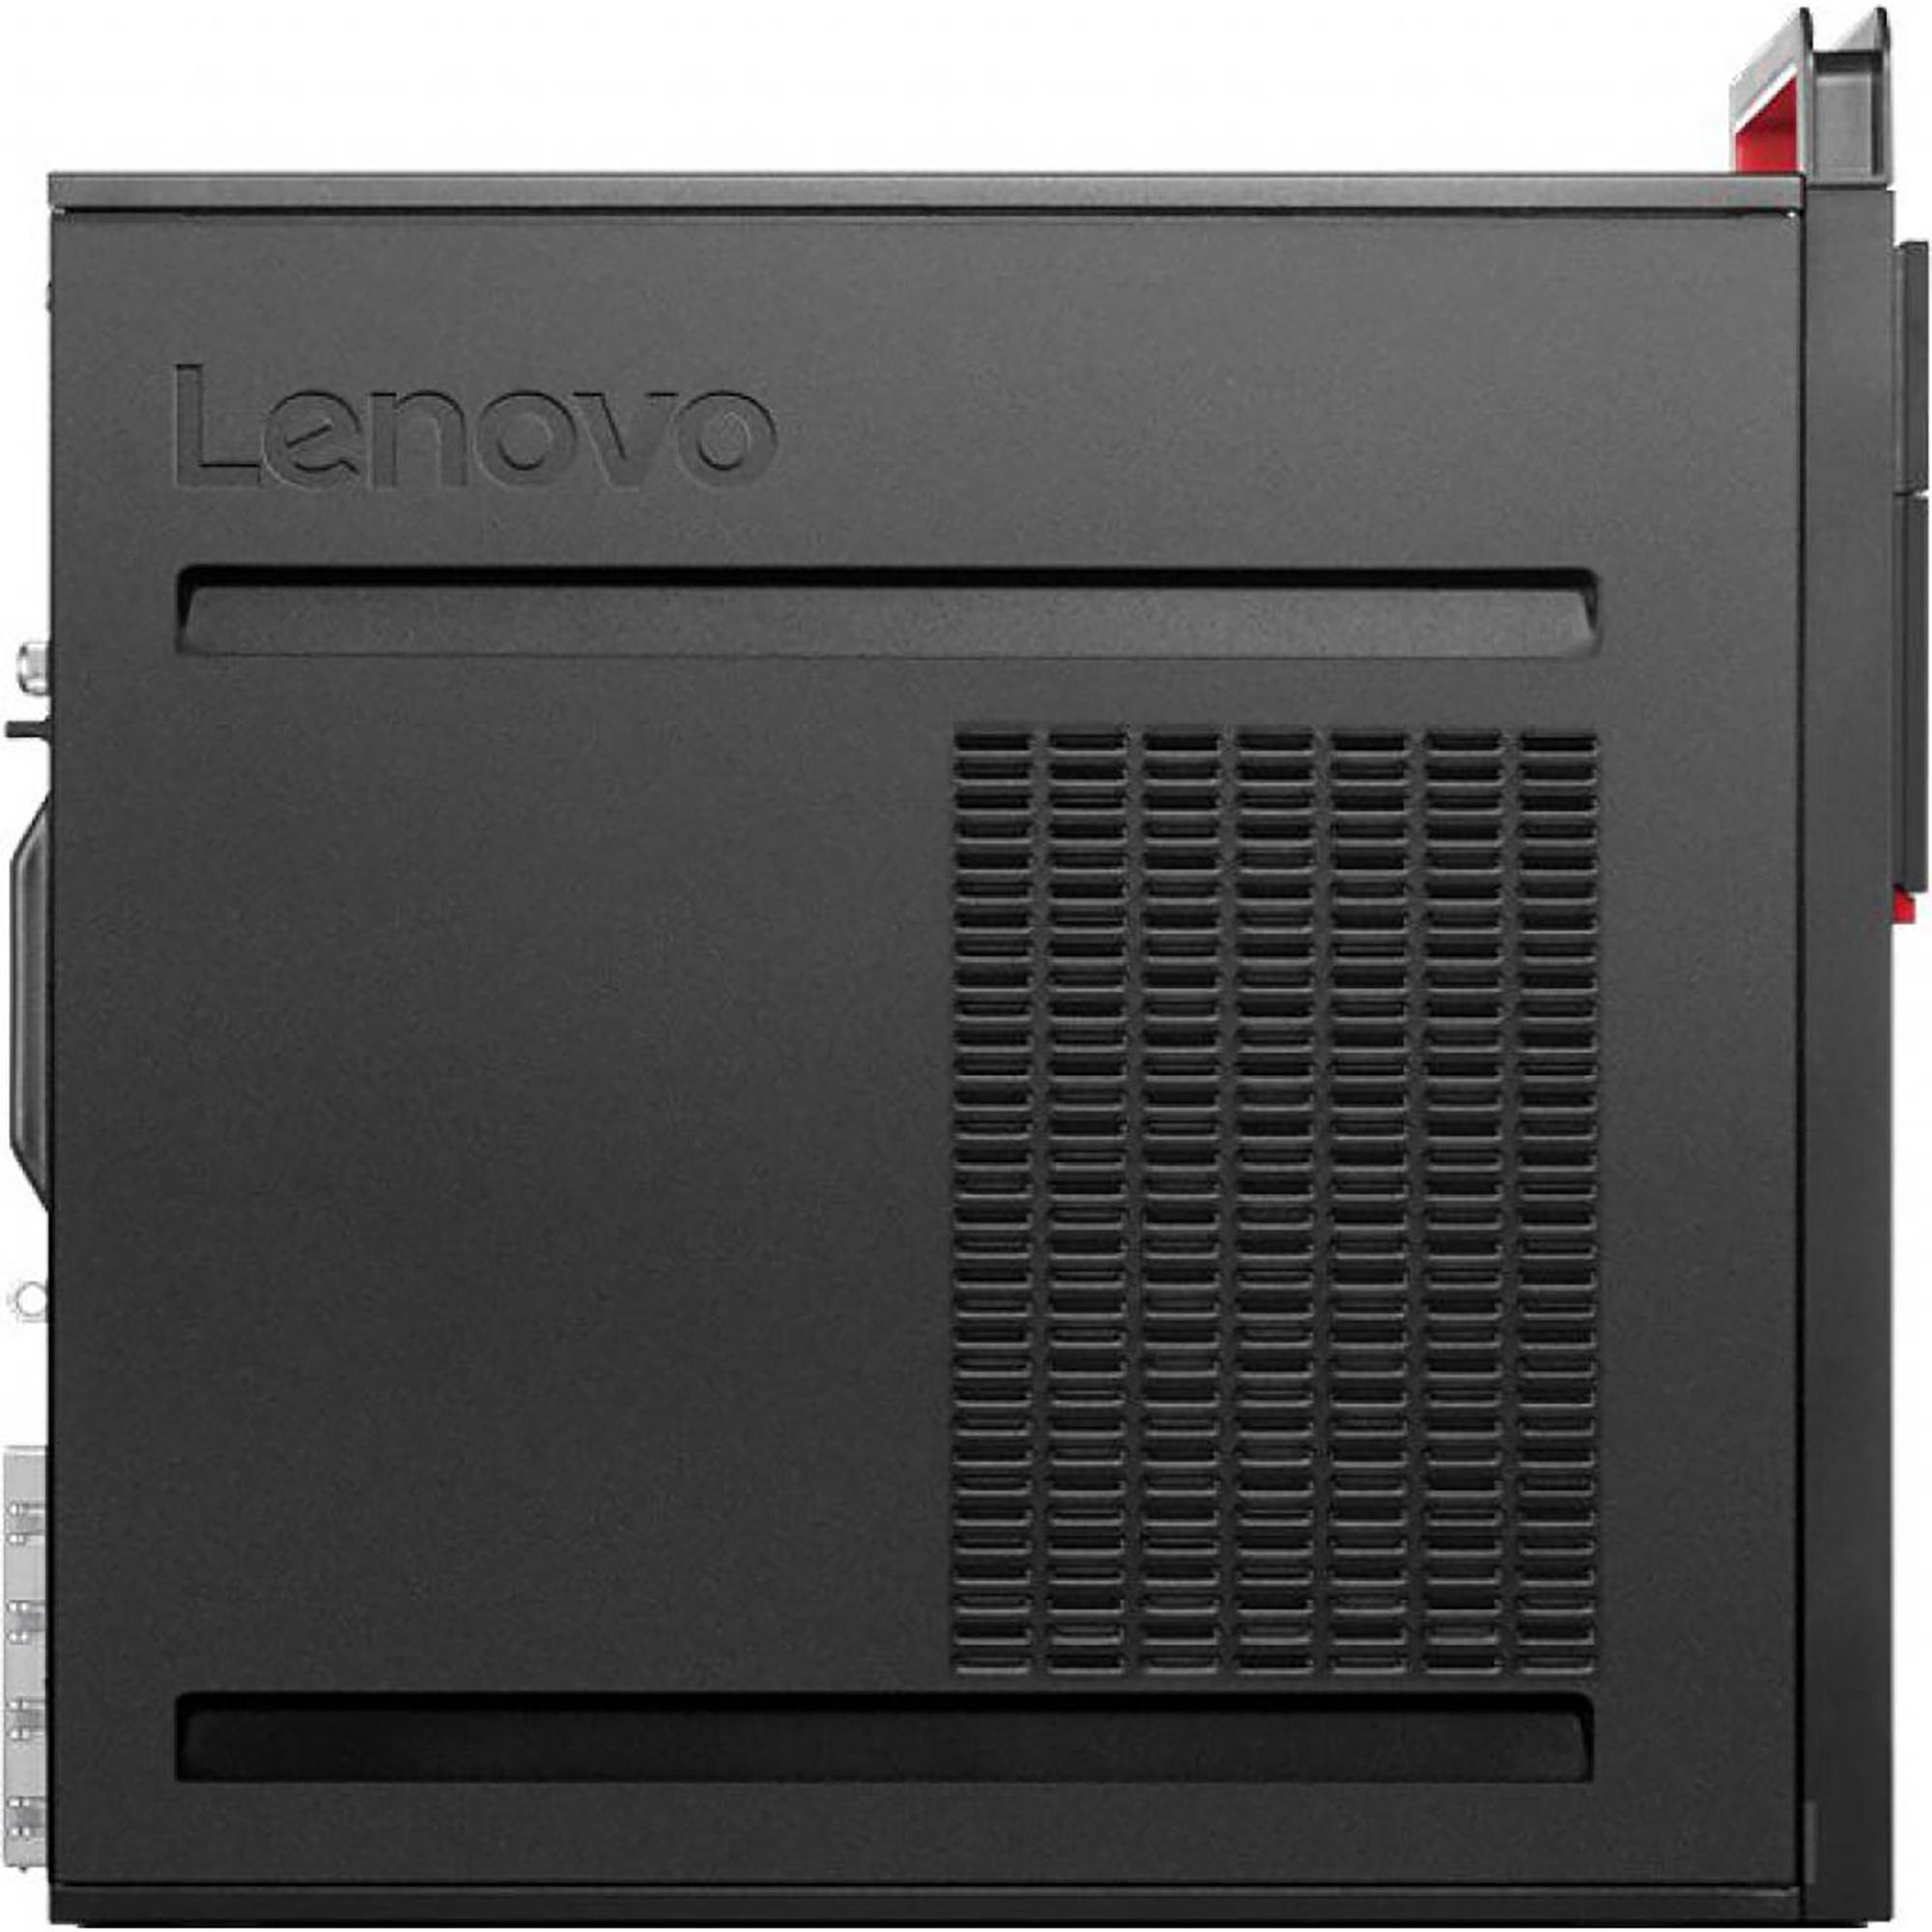 Фото  Компьютер Lenovo ThinkCentre M700 (10MR006FUA)